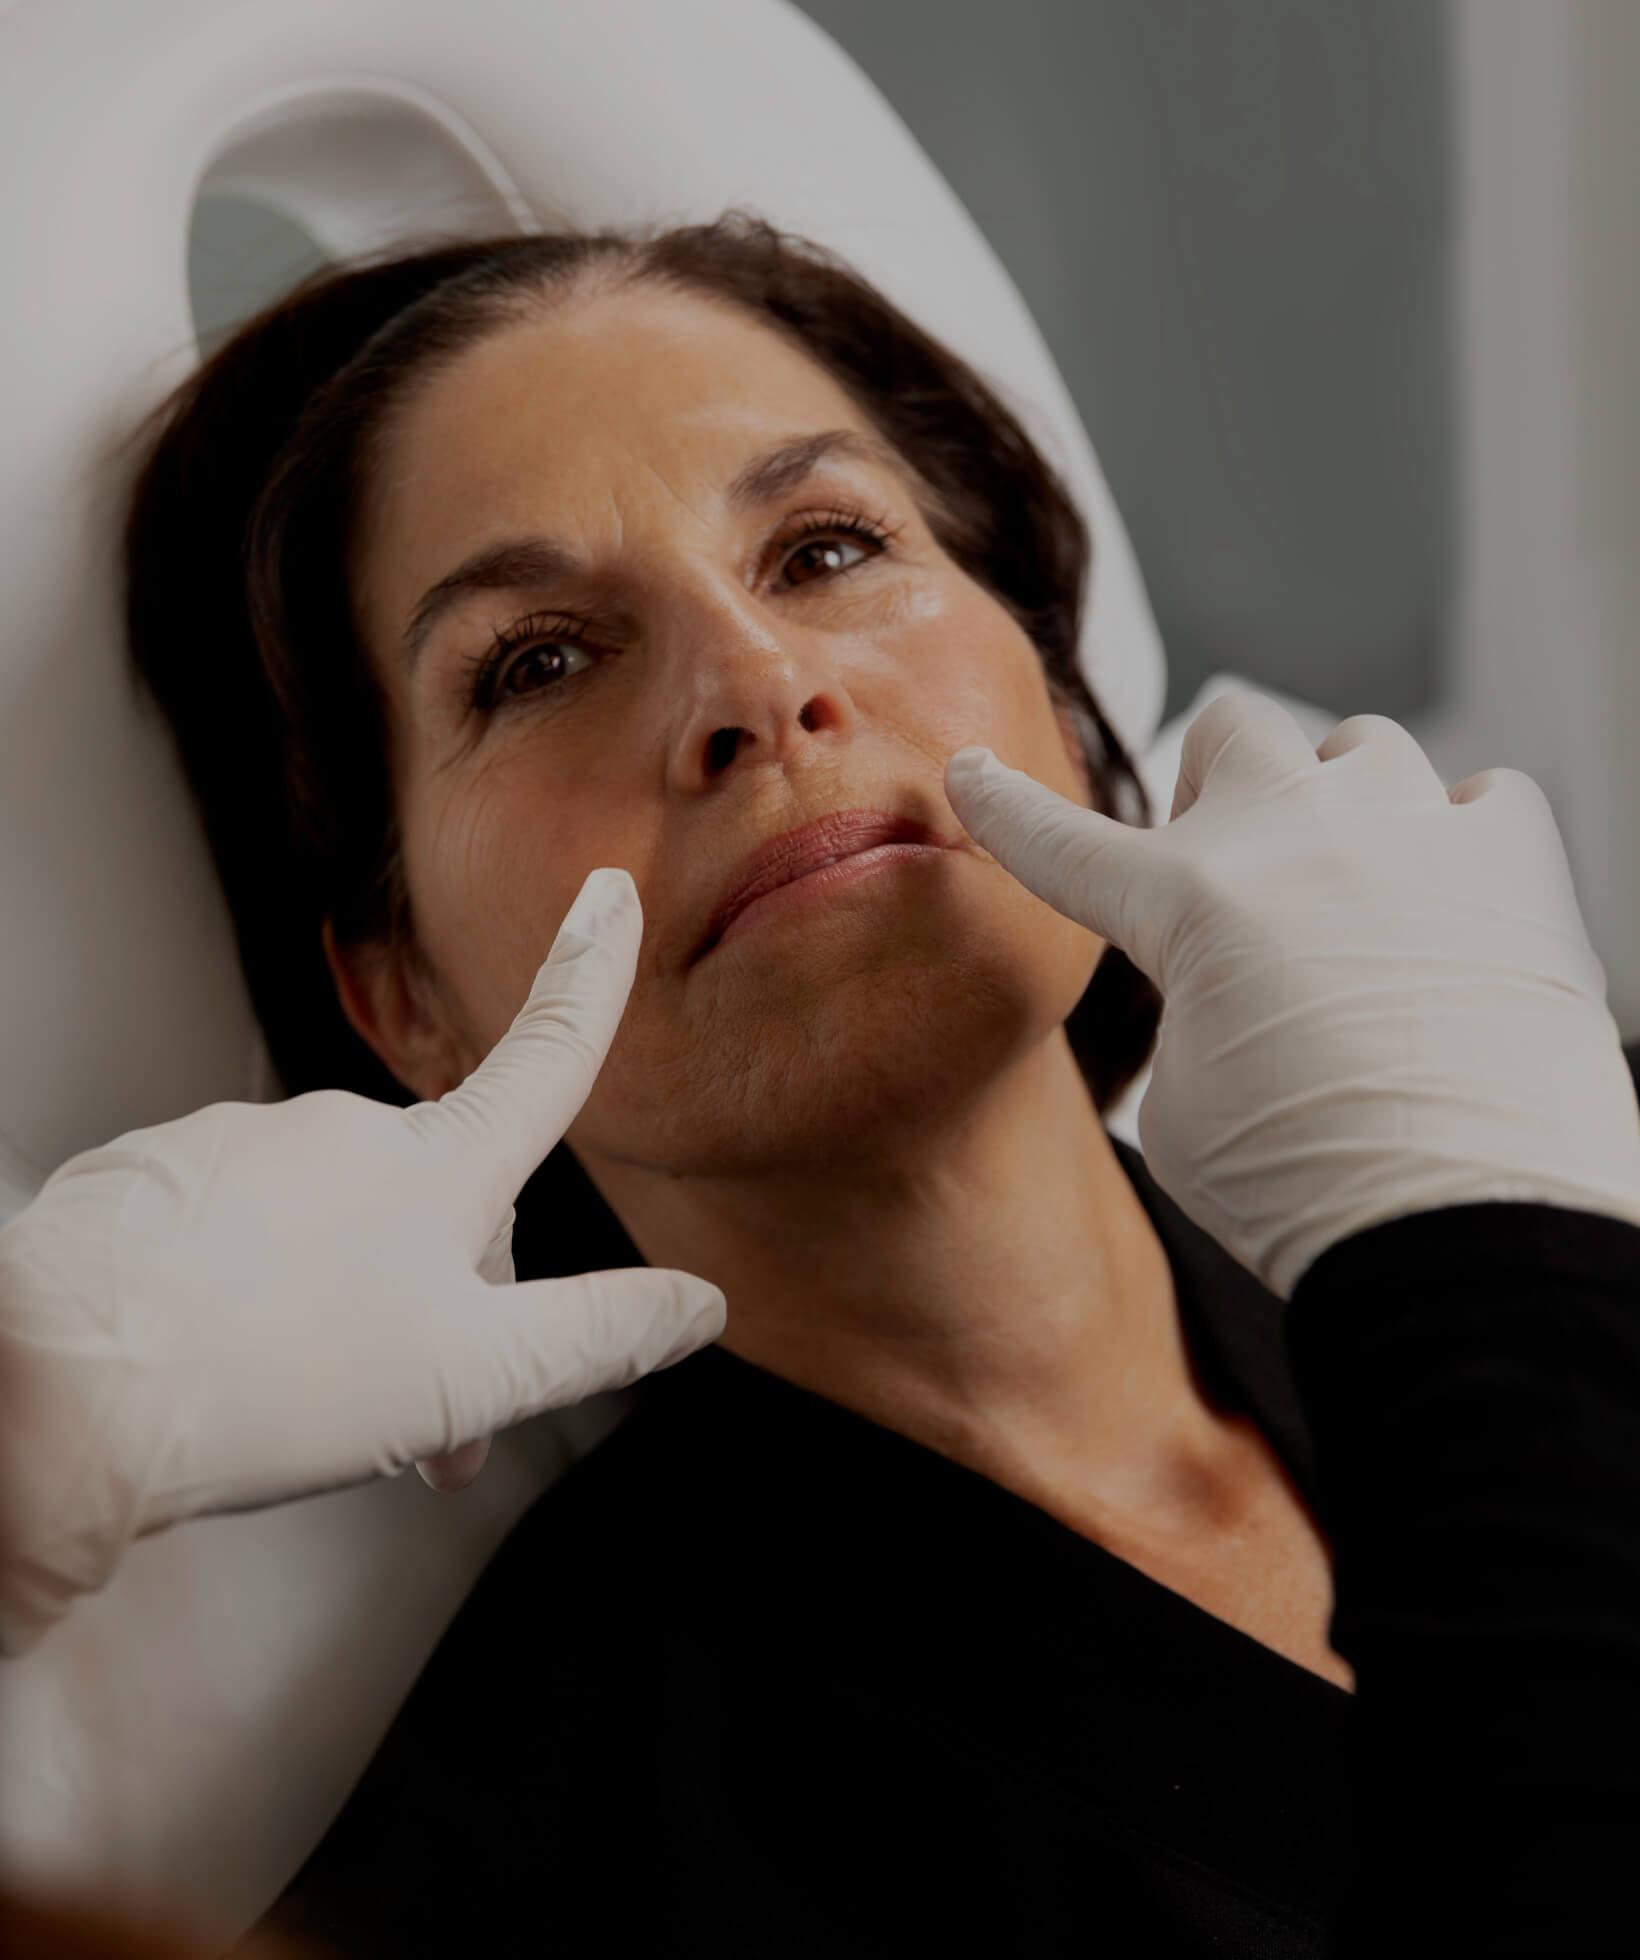 Une technicienne médico-esthétique de la Clinique Chloé démontrant les sillons nasogéniens d'une patiente